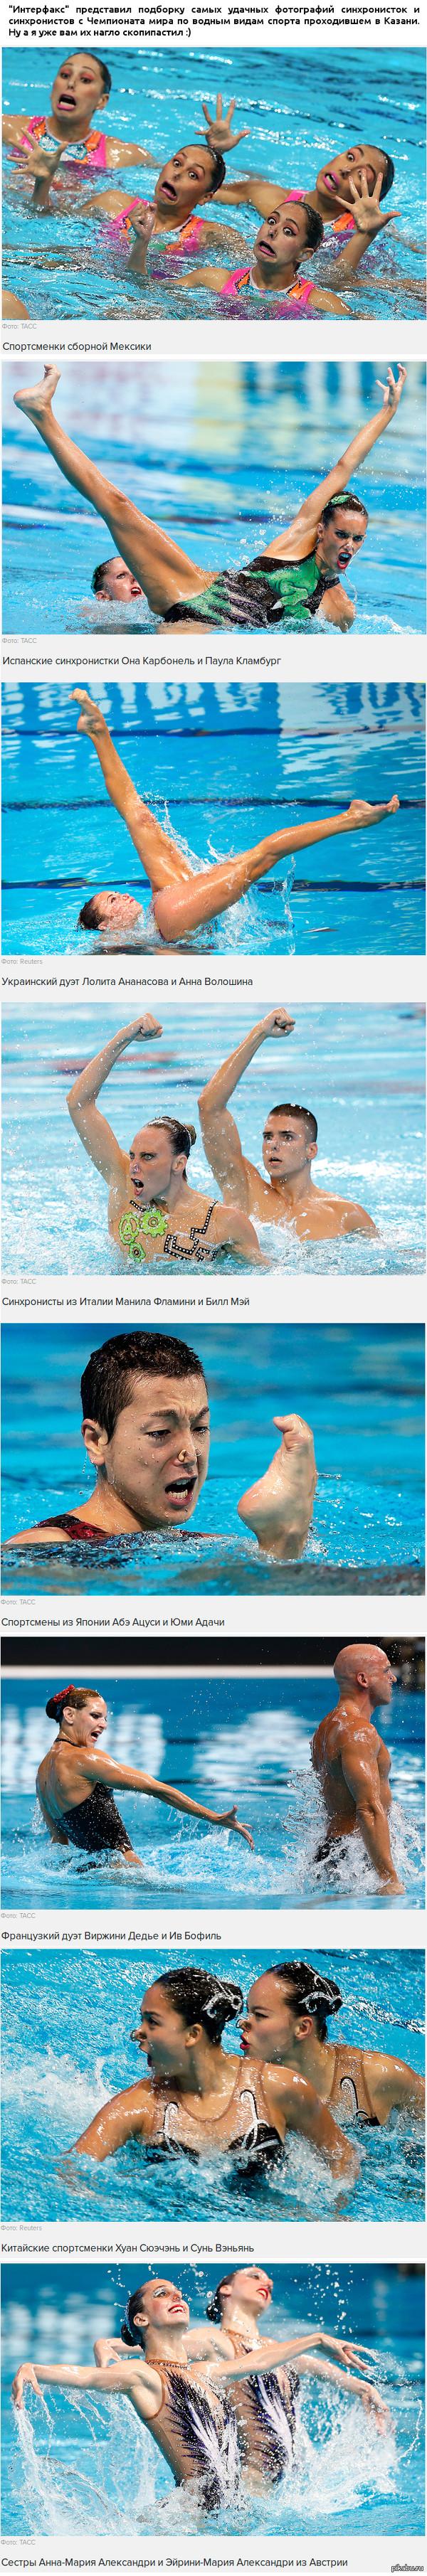 Синхронистки и синхронисты за работой :) Забавные фото с Чемпионата мира по водным видам спорта.  Внимание: 3622 пикселя!